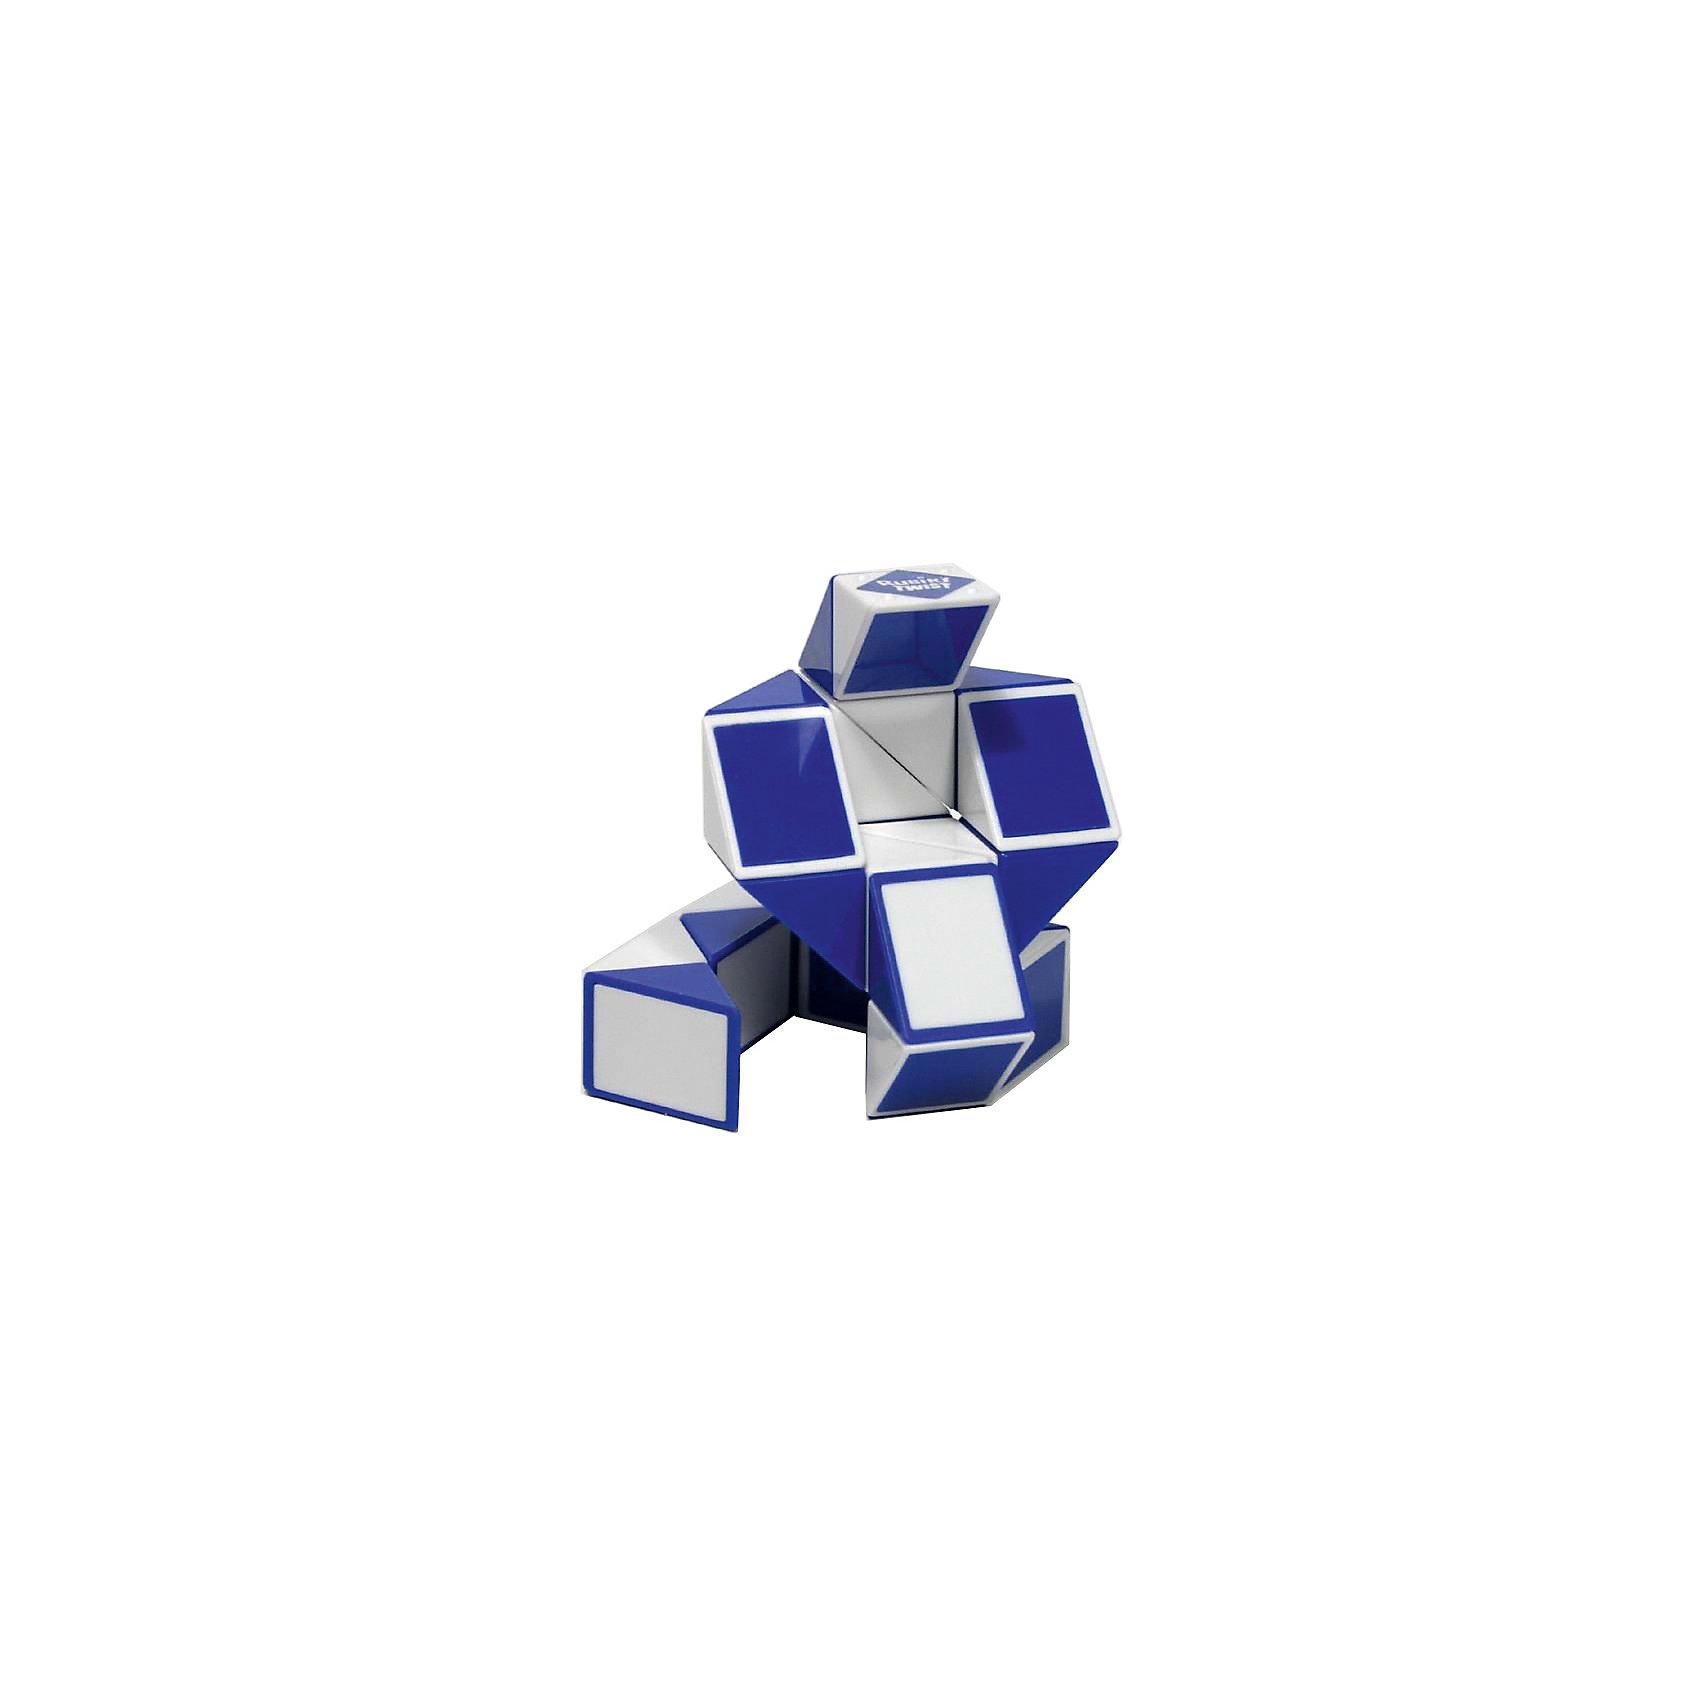 Головоломка Змейка Рубика,RubiksГоловоломки<br>Rubiks Змейка Рубика - еще одно творение профессора Рубика, причем не менее популярное, чем Кубик Рубика. <br><br>Змейка сделана из 24 одинаковых треугольников, соединенных между собой.<br><br>Несложный механизм соединения позволяет вращать треугольники между собой таким образом, что в результате может получиться Лебедь или Летучая мышь, или Мяч, или Собака, или.. да все что угодно, ведь эта игрушка собирается в более чем 50 забавных форм. <br>Здесь нет верных и неверных ответов - все зависит от Вашей фантазии! <br>Кстати, по статистике продаж Змейка уверенно занимает второе место после кубика Рубика, немногим ему уступая!<br> <br>В качестве развивающей игрушки, Змейка тренирует воображение, а также умение видеть образы и формы. Эта головоломка вас обязательно очарует!<br><br><br>Дополнительная информация:<br><br>- На странице Инструкции смотрите ссылку на сайт производителя с 3х-мерными моделями множества форм, в которые можно сложить Змейку.<br>- Сложность: 1/5<br>- Размер игрушки: 43,1 x 2,54 х 1,27 см<br>- Тип упаковки: 6-гранник из прозрачного пластика.<br><br>Ширина мм: 120<br>Глубина мм: 120<br>Высота мм: 160<br>Вес г: 210<br>Возраст от месяцев: 60<br>Возраст до месяцев: 1188<br>Пол: Унисекс<br>Возраст: Детский<br>SKU: 2504419